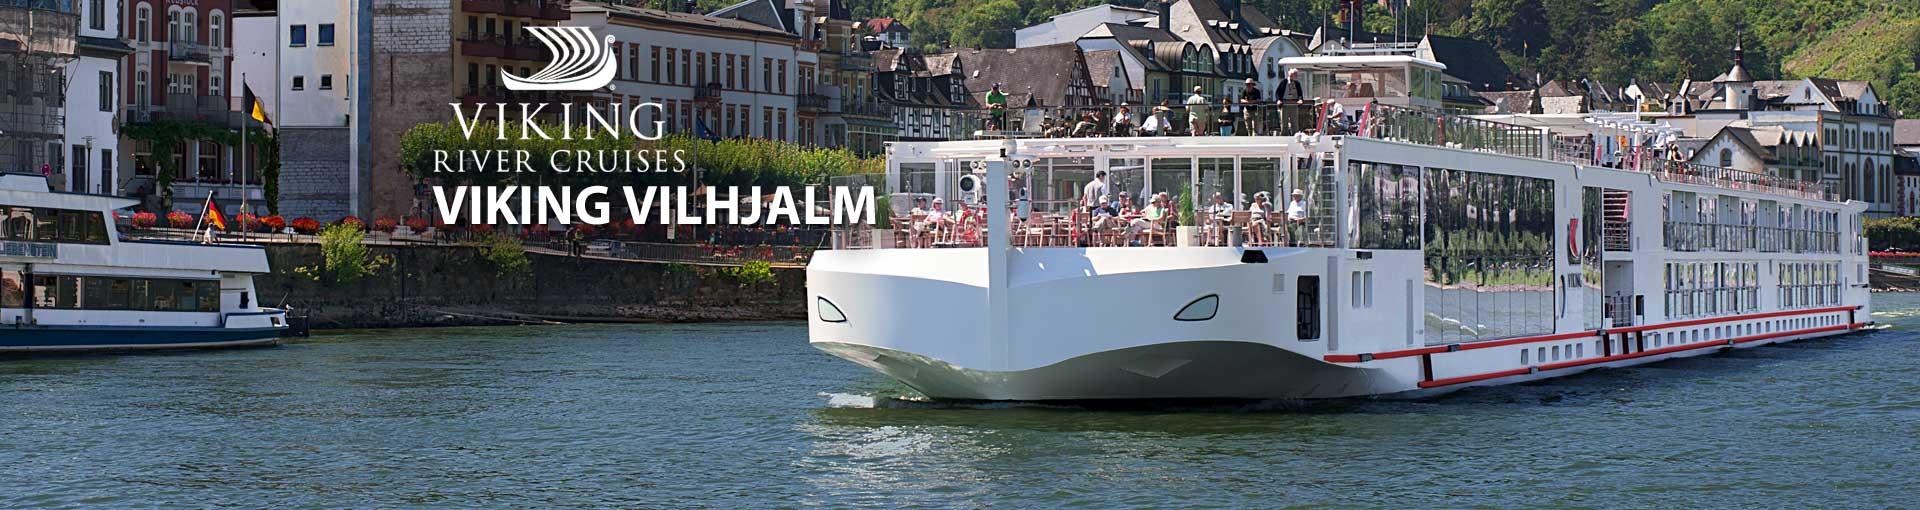 Viking Rivers Viking Vilhjalm river cruise ship